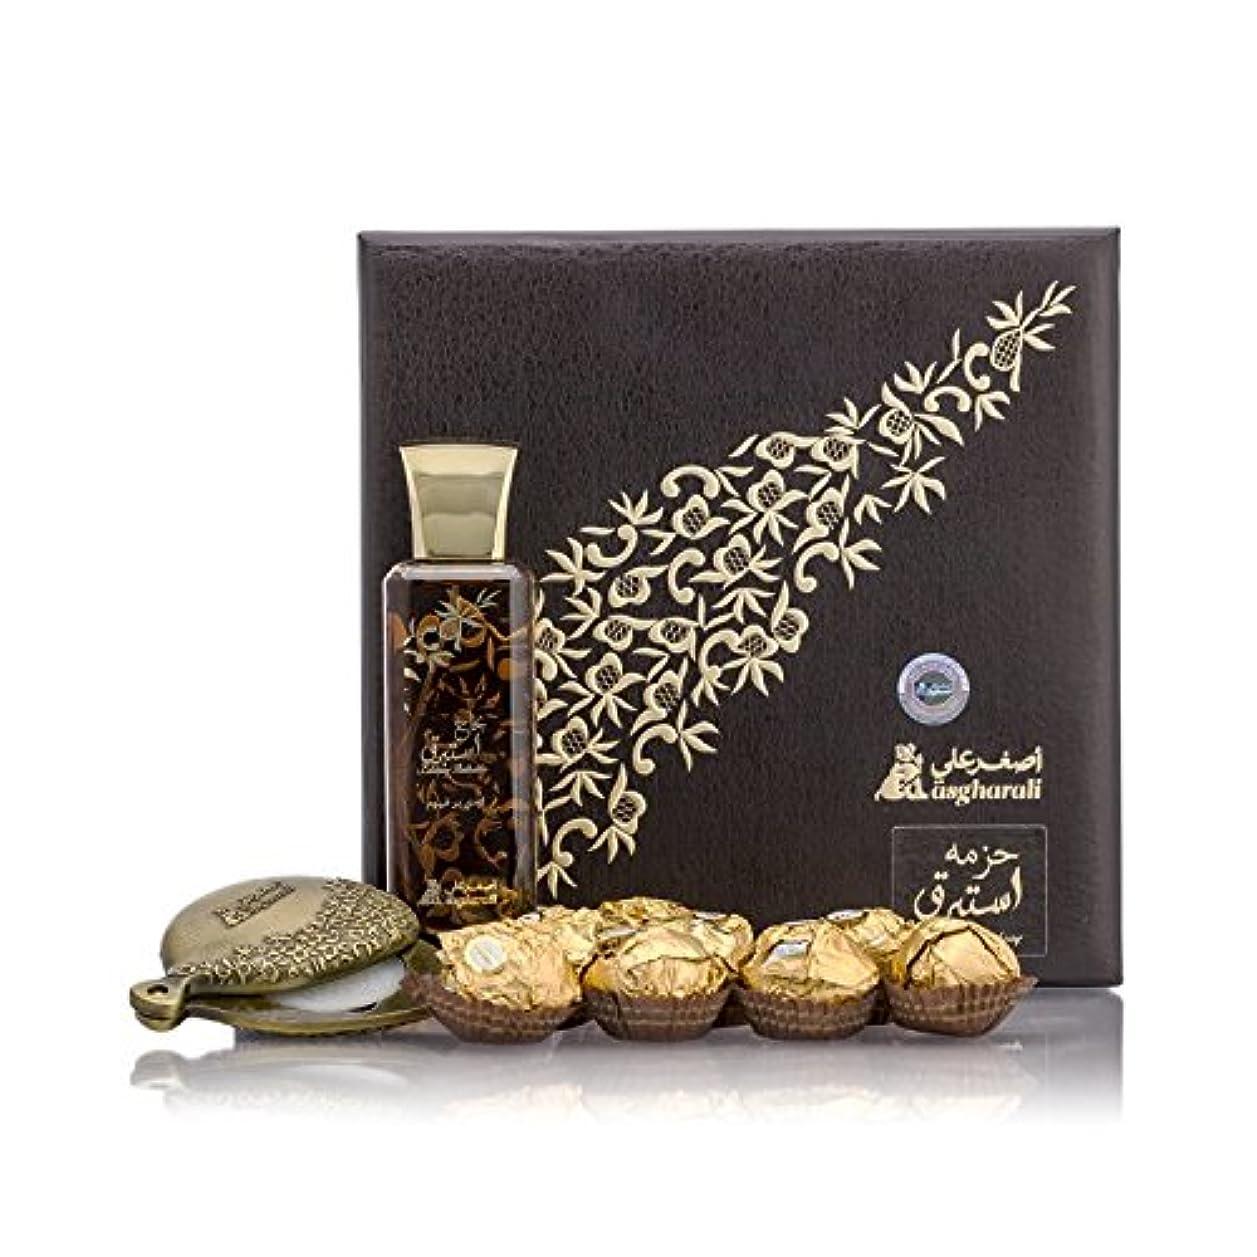 大事にするバーベキュー何でもestabraq Hazma – Incense Bakhoorギフトセットby Asgharali Perfumes